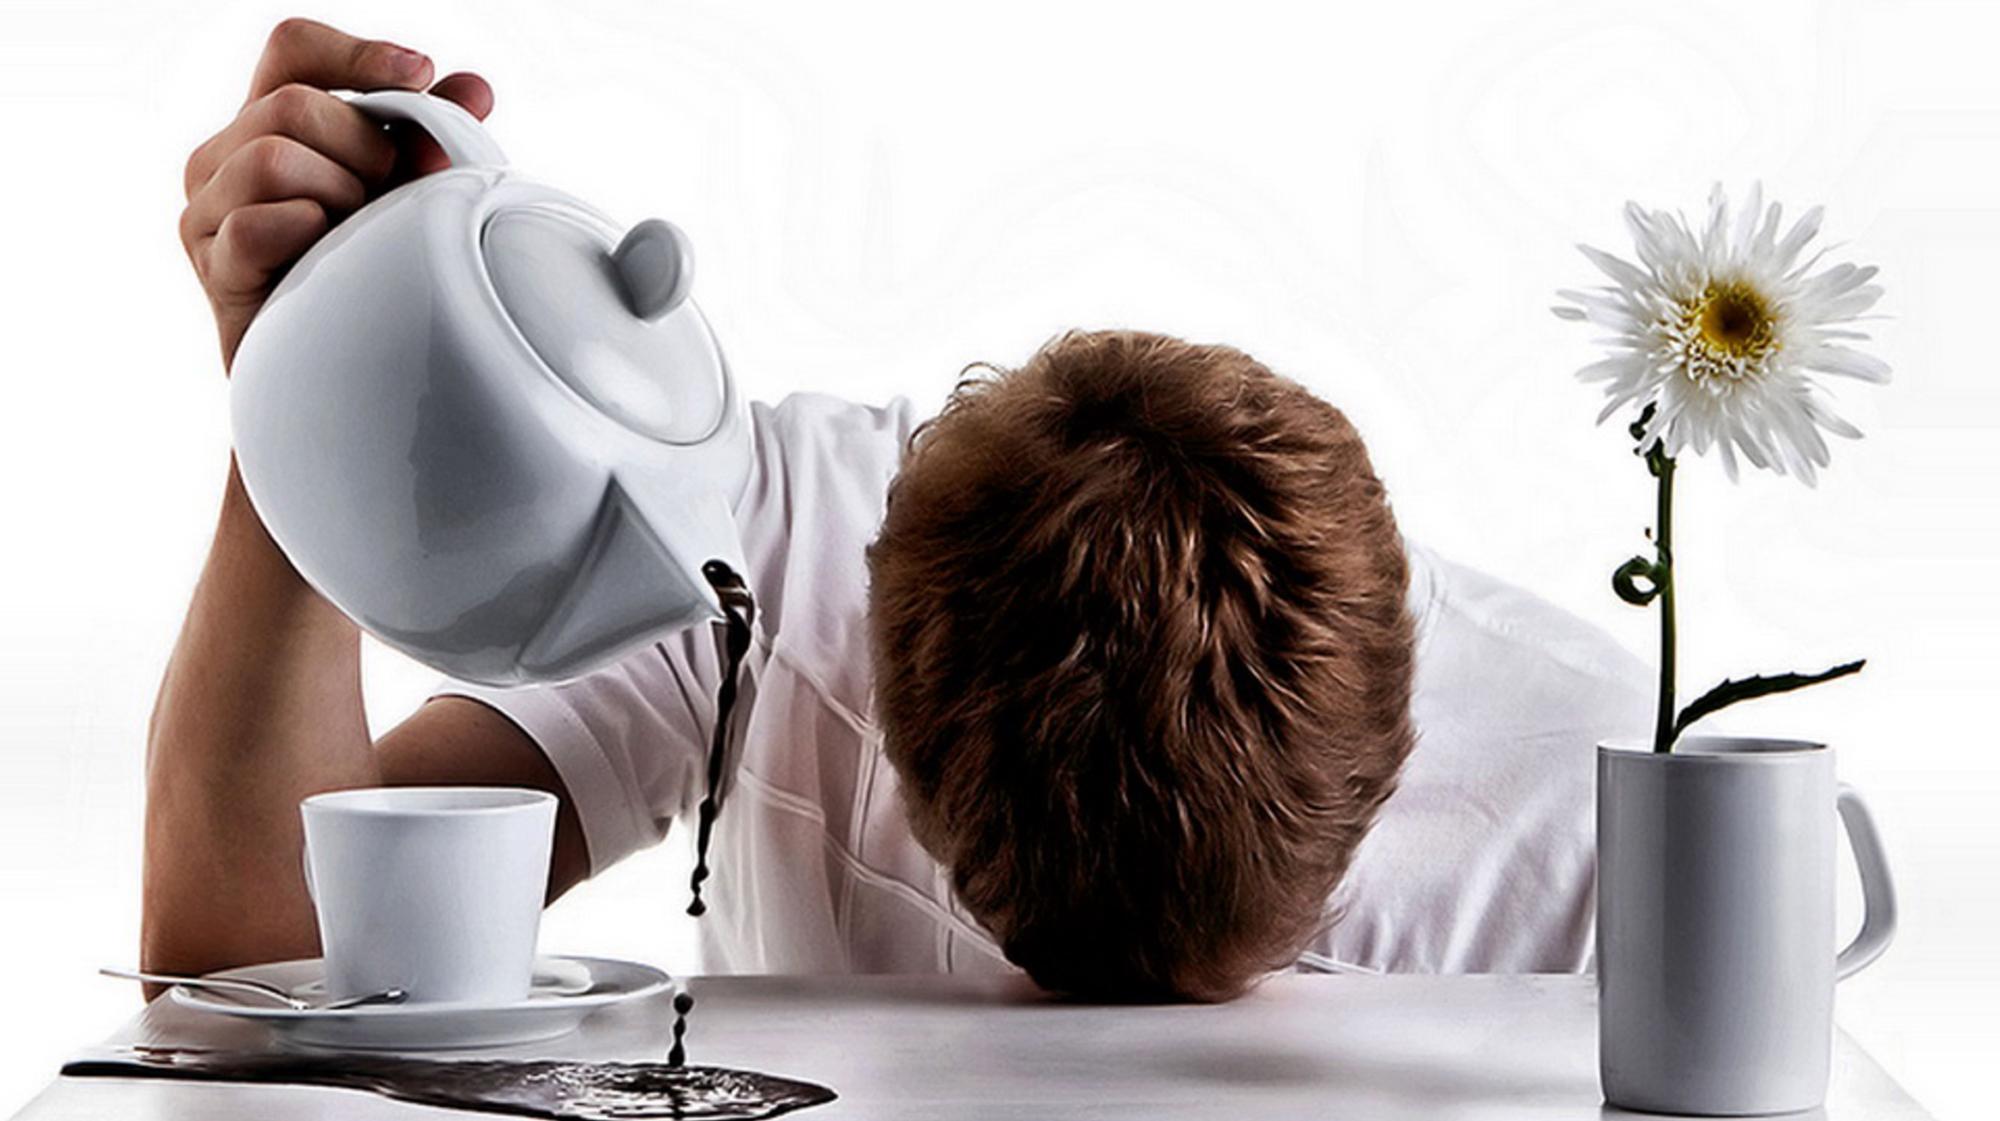 Парень наливает кофе из кофейника мимо чашки